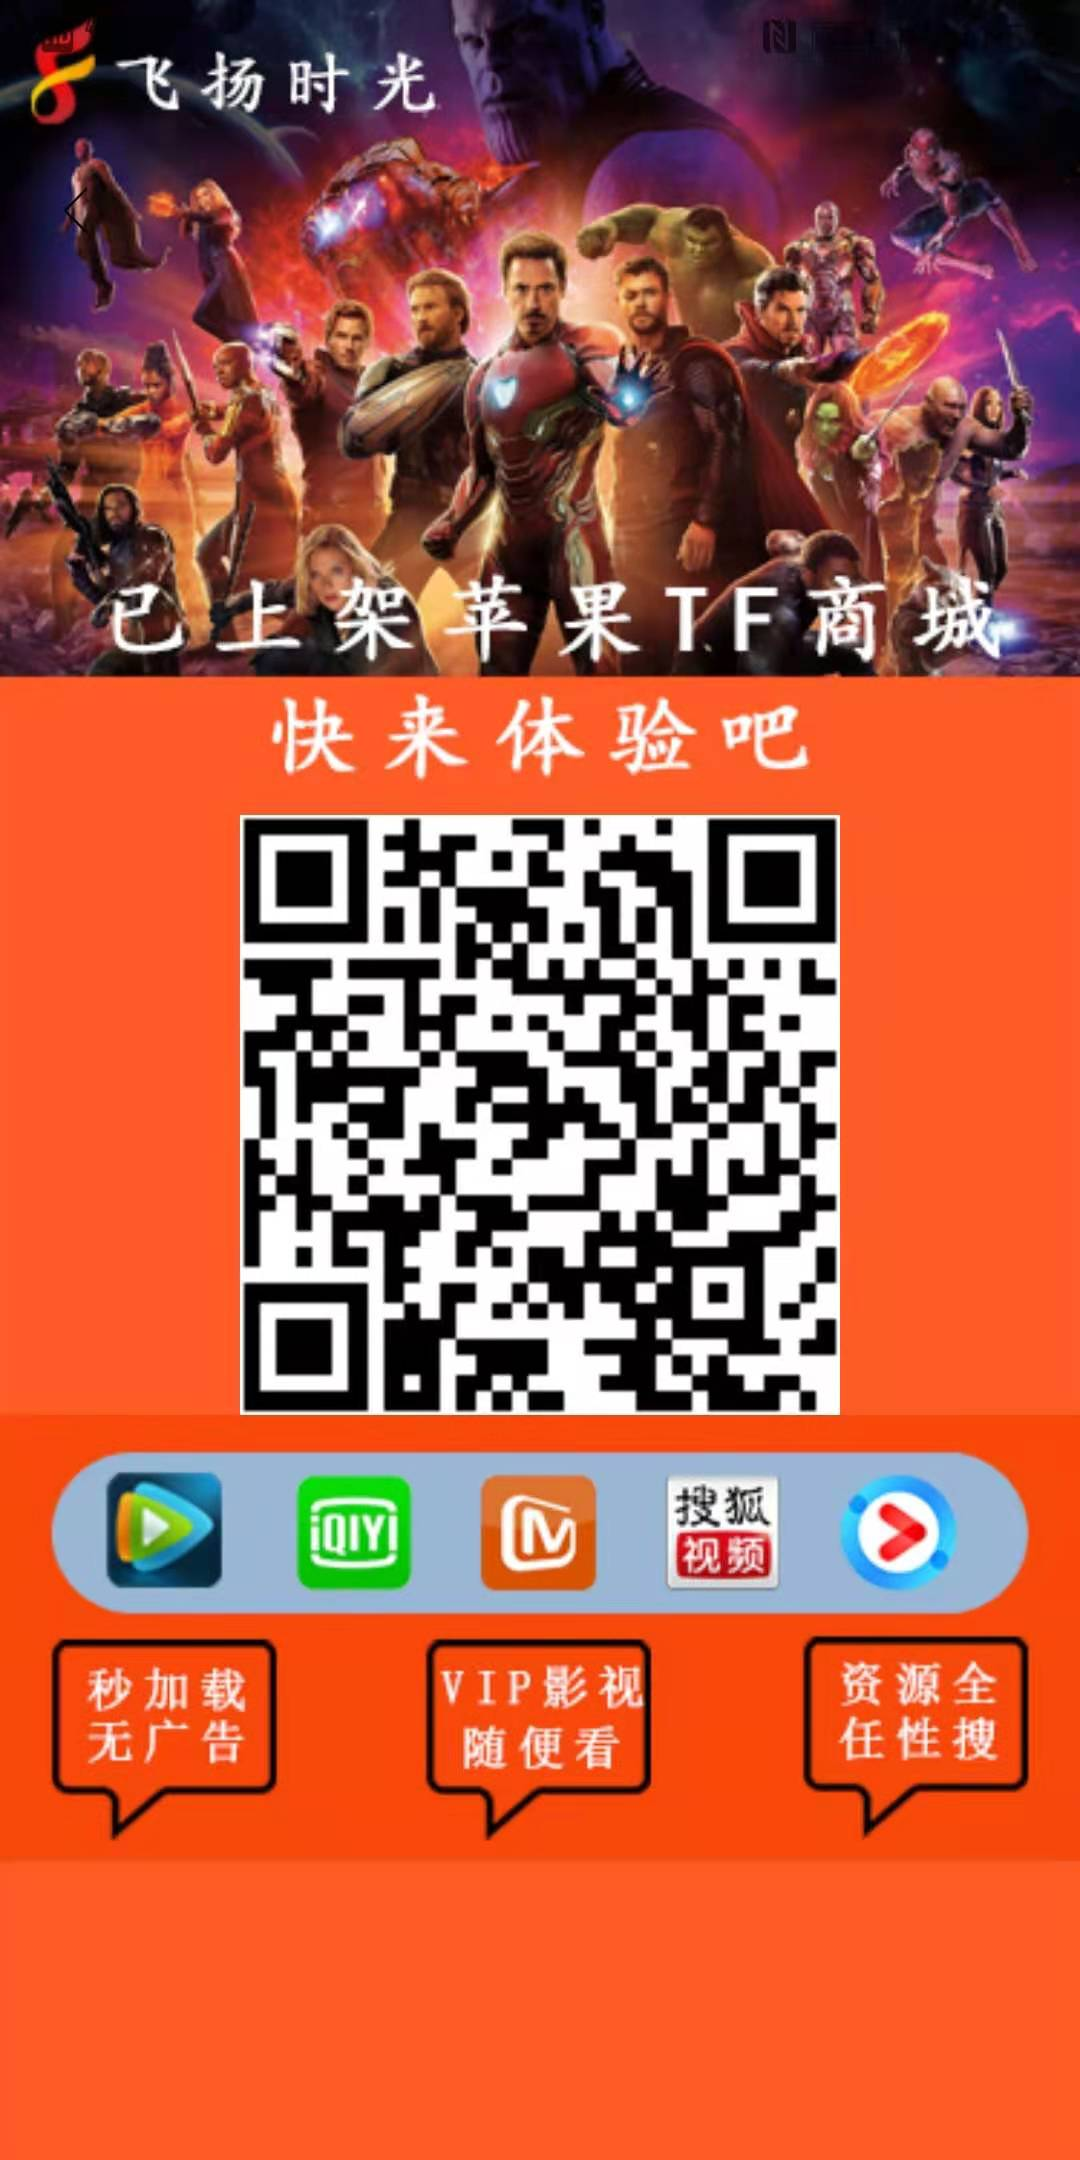 【飞扬时光季卡】全网影视VIP